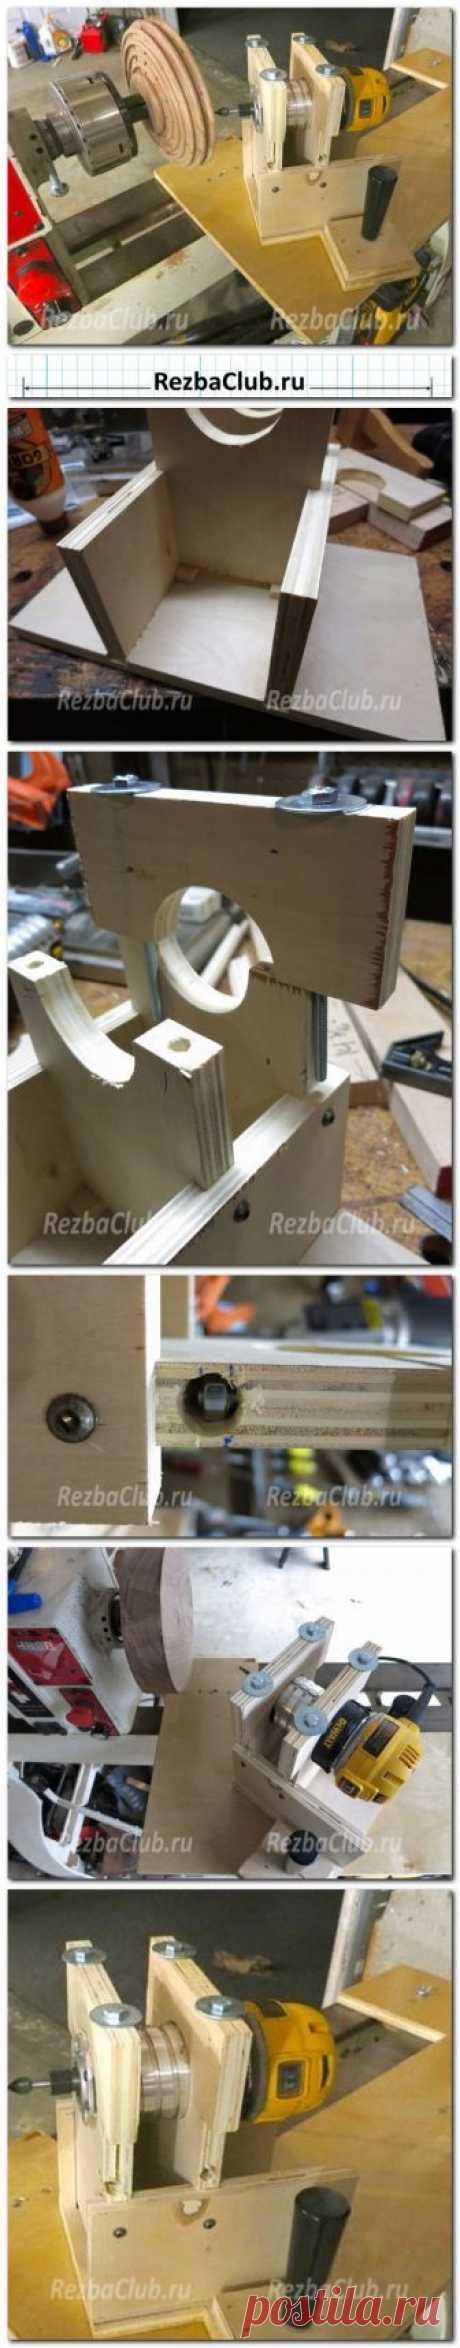 #328 Простой фрезерный роутер для токарного станка | Резьба Клуб